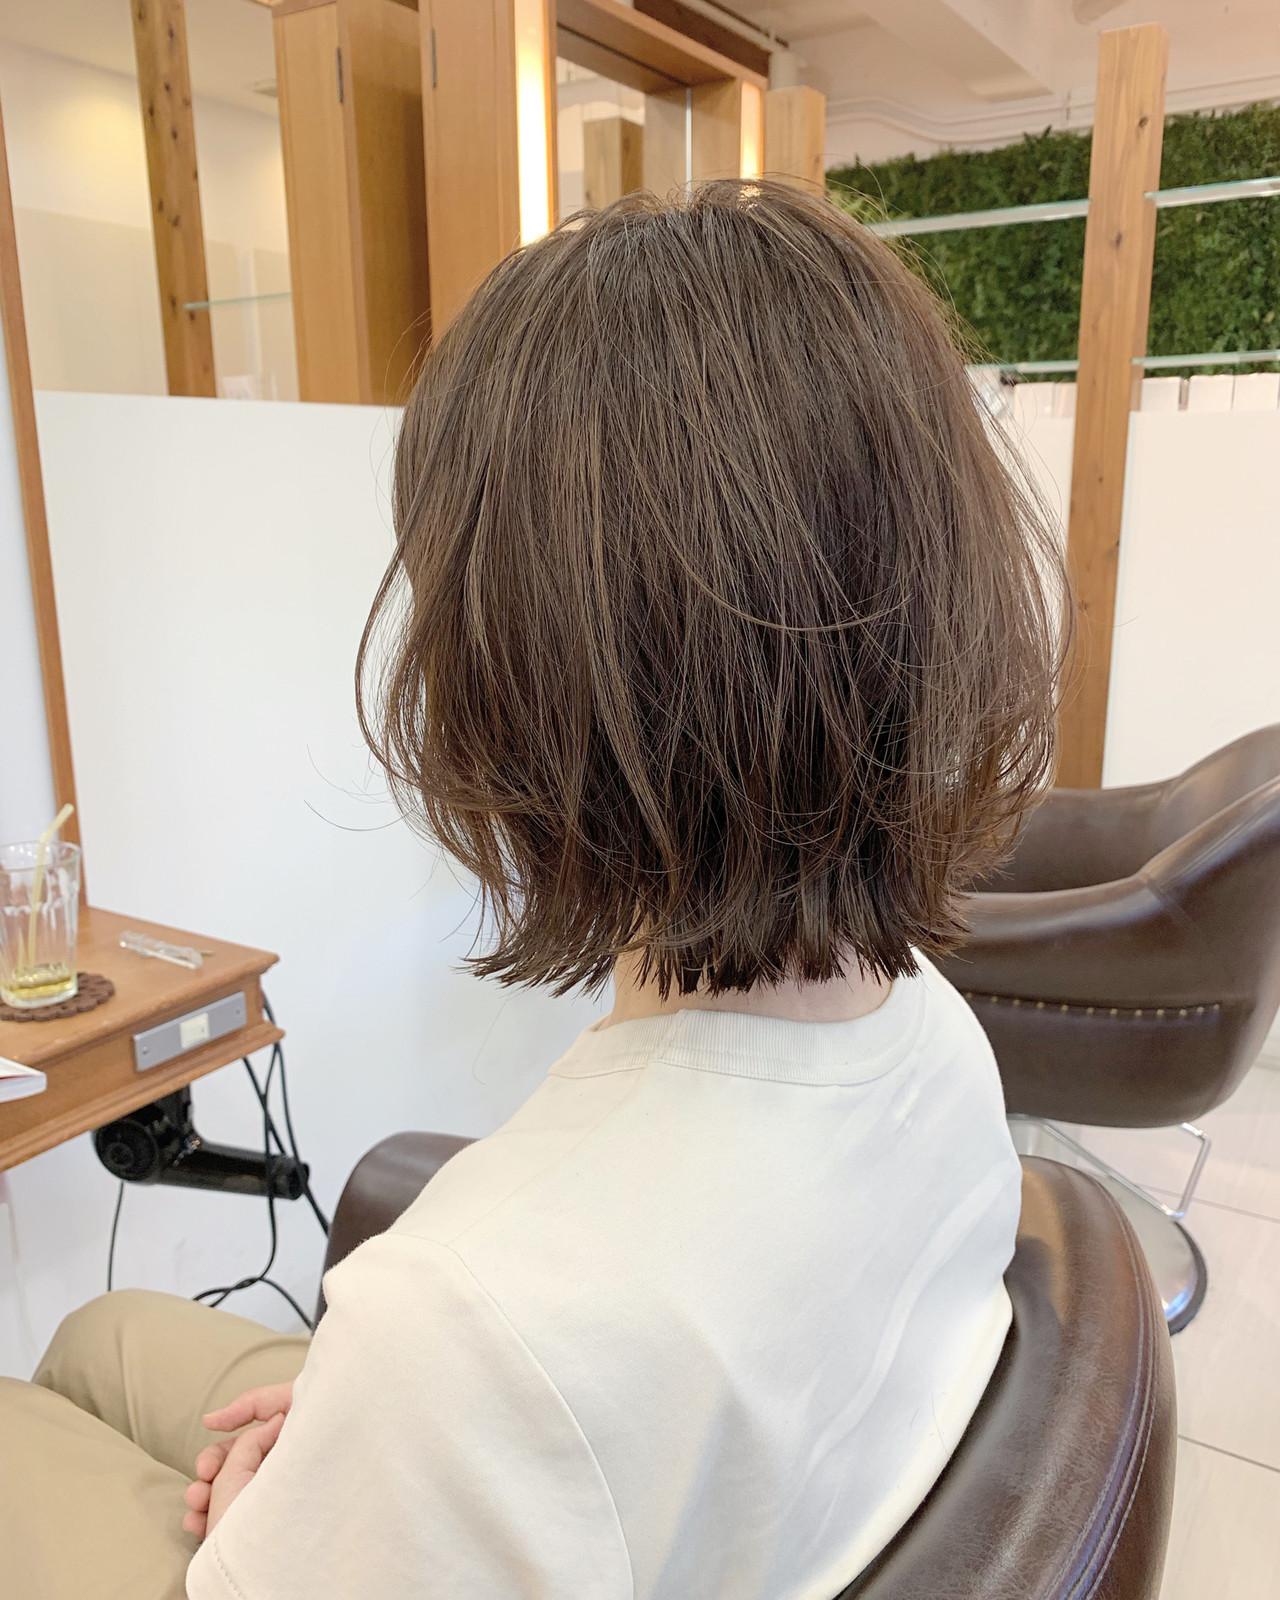 簡単ヘアアレンジ まとまるボブ  可愛い ヘアスタイルや髪型の写真・画像 | 【つくば美容師】ショートヘア愛好家/矢崎 翔太 / ジールサロン